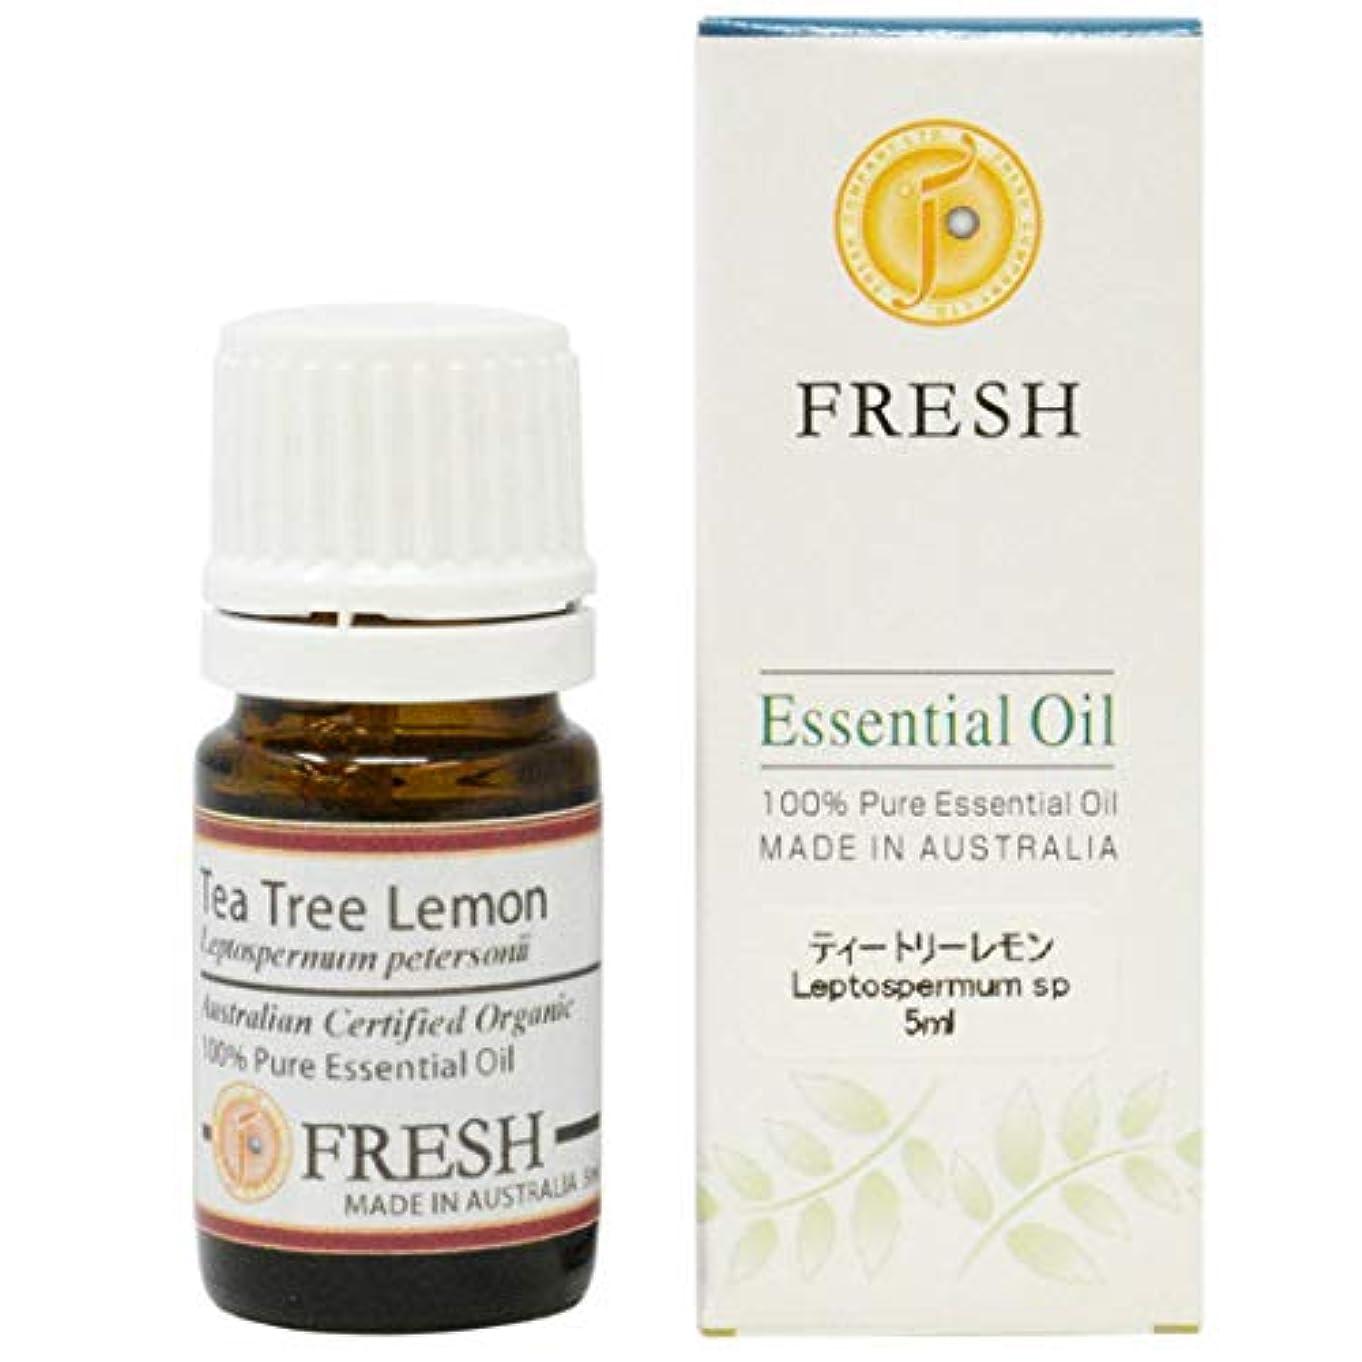 アクションセッション中世のFRESH オーガニック エッセンシャルオイル ティートリーレモン 5ml (FRESH 精油)